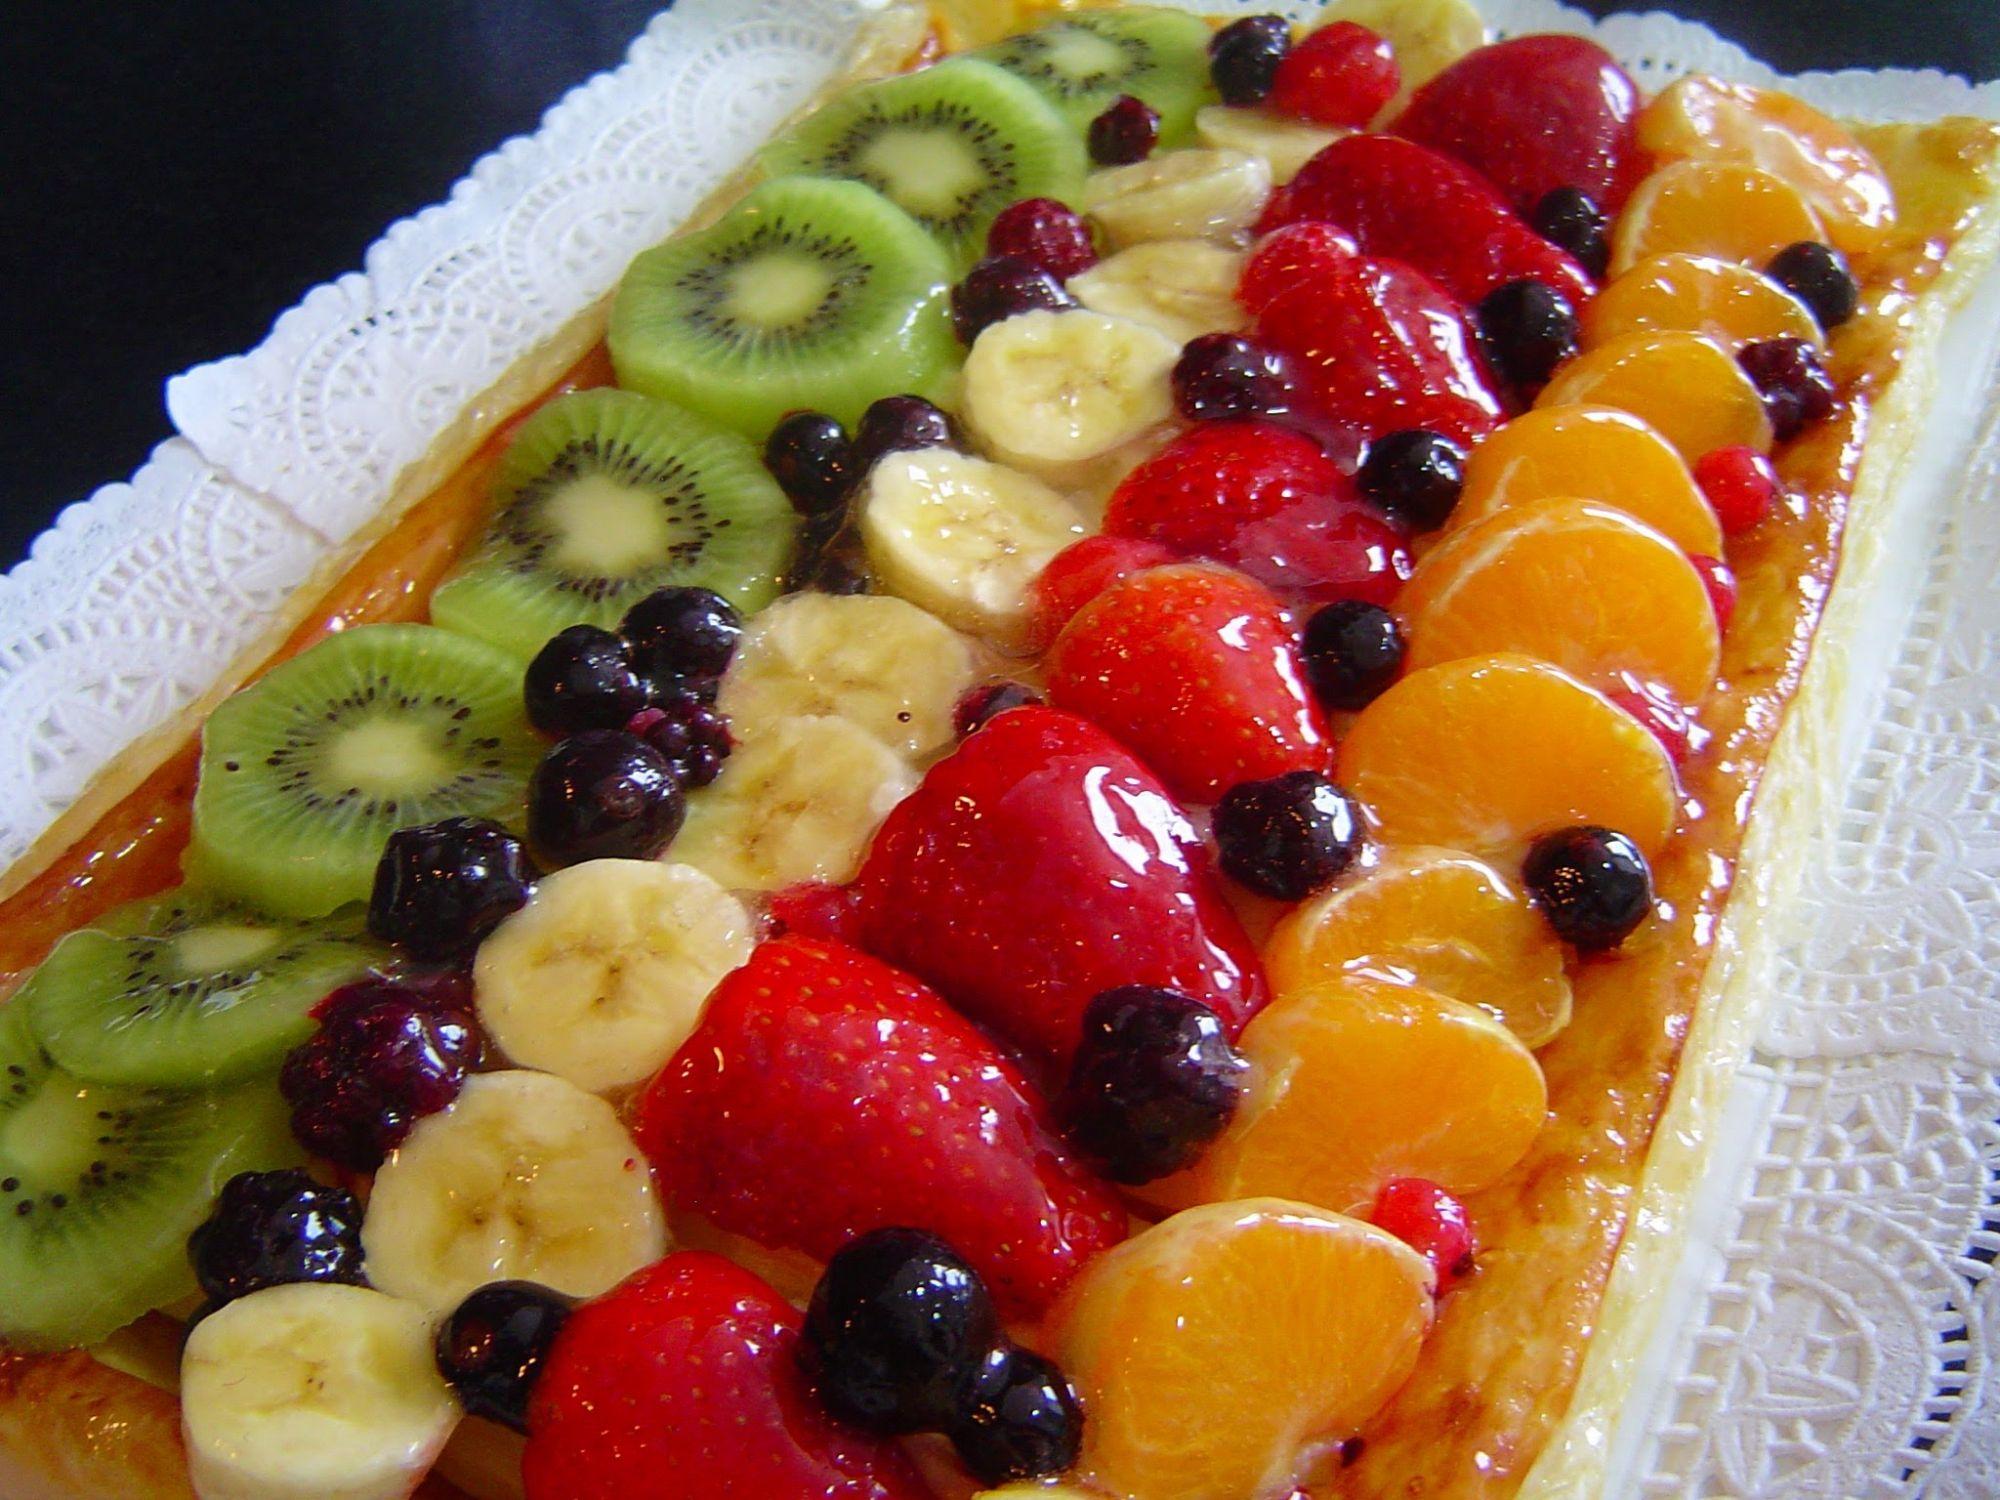 Tarta de hojaldre con frutas 4 1 5 - Postres con frutas faciles ...